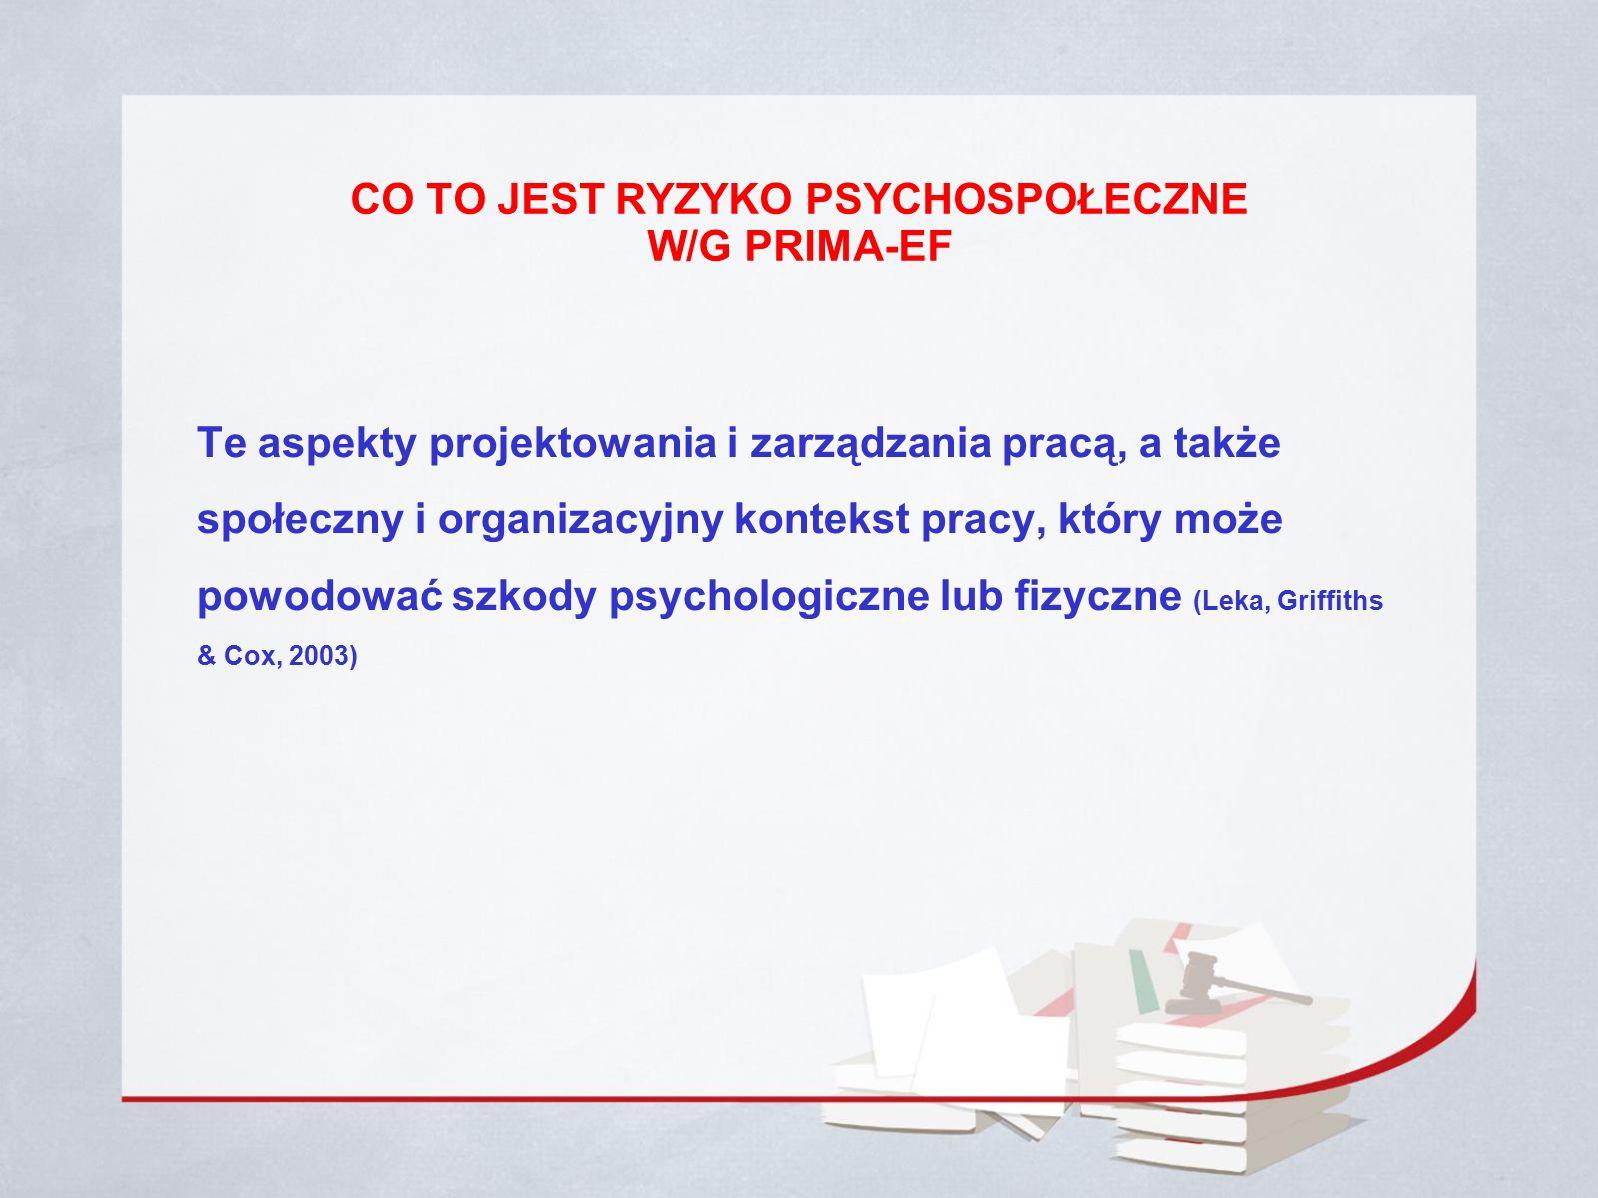 CO TO JEST RYZYKO PSYCHOSPOŁECZNE W/G PRIMA-EF Te aspekty projektowania i zarządzania pracą, a także społeczny i organizacyjny kontekst pracy, który może powodować szkody psychologiczne lub fizyczne (Leka, Griffiths & Cox, 2003)